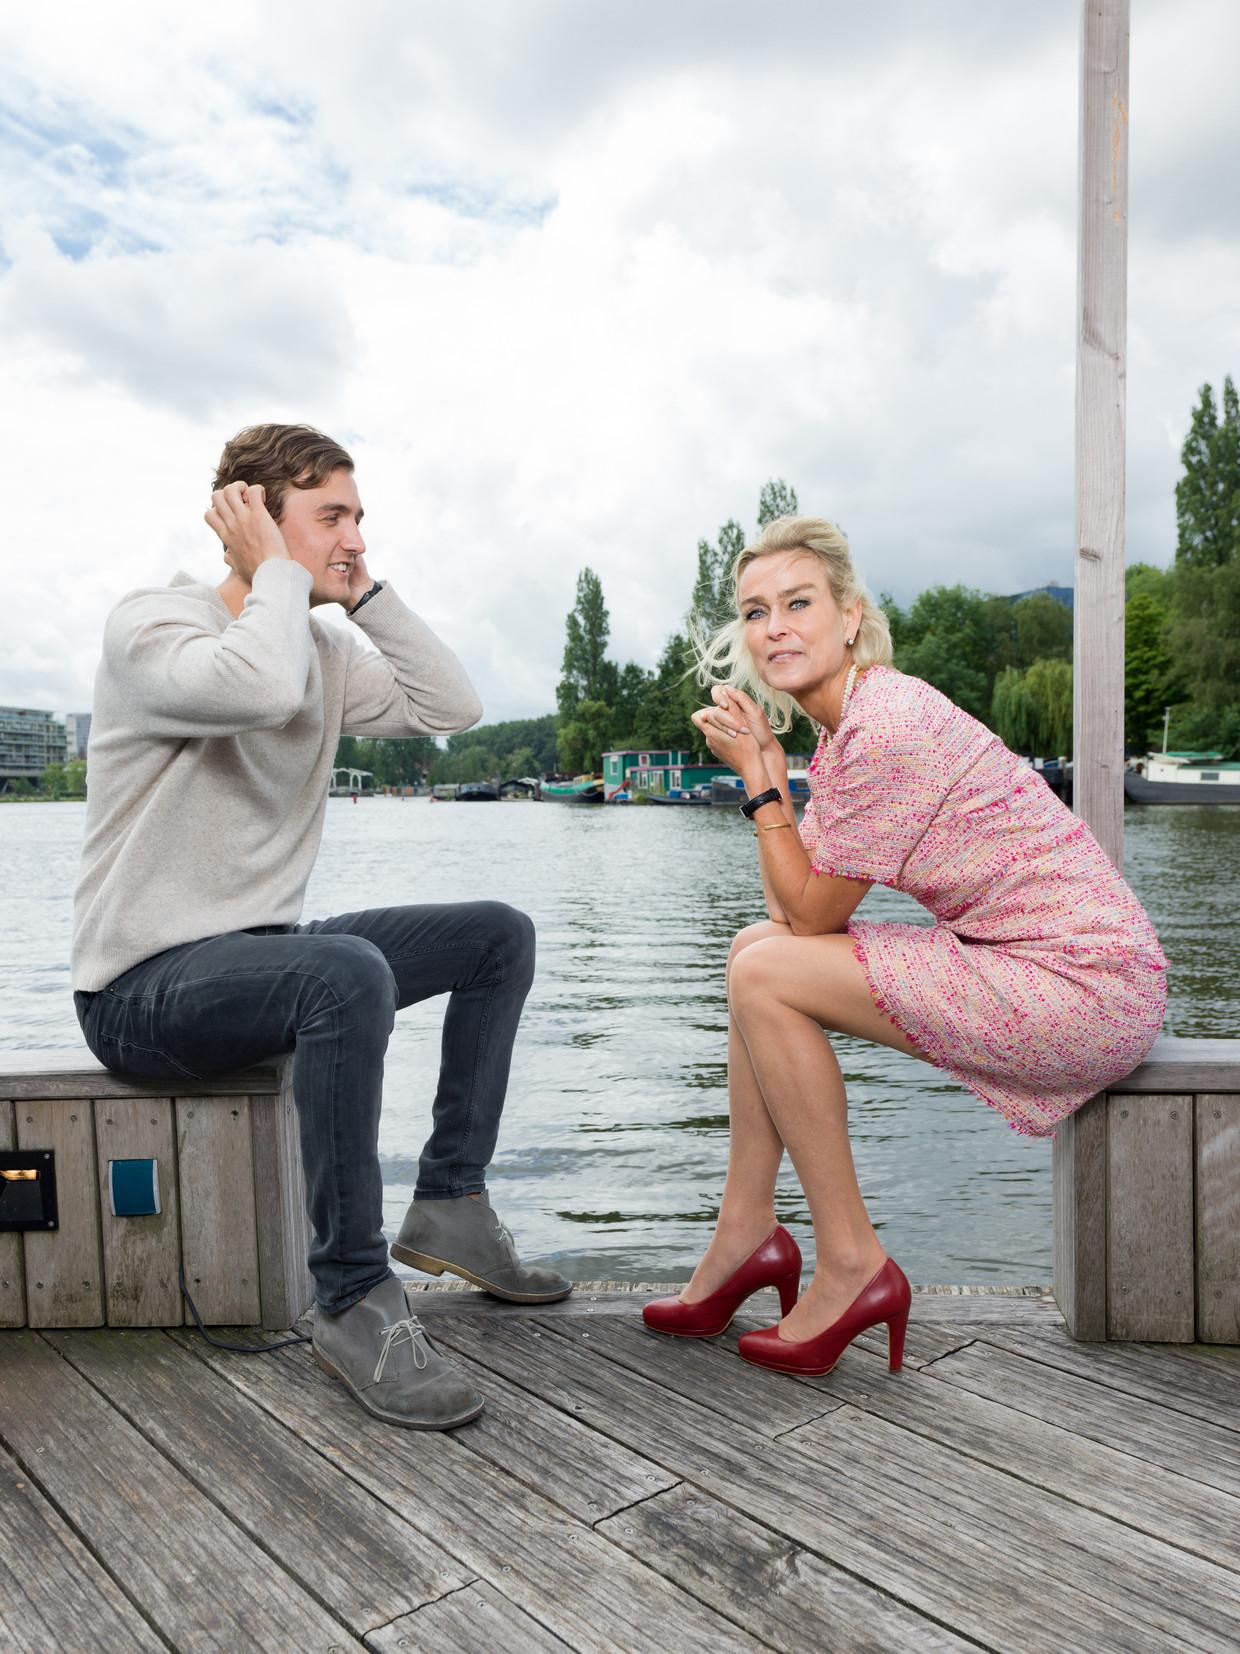 Barbara Baarsma en haar zoon. Maarten: 'Het ging goed, ik had goed geleerd, maar kon niet afstuderen.' Beeld Ivo van der Bent